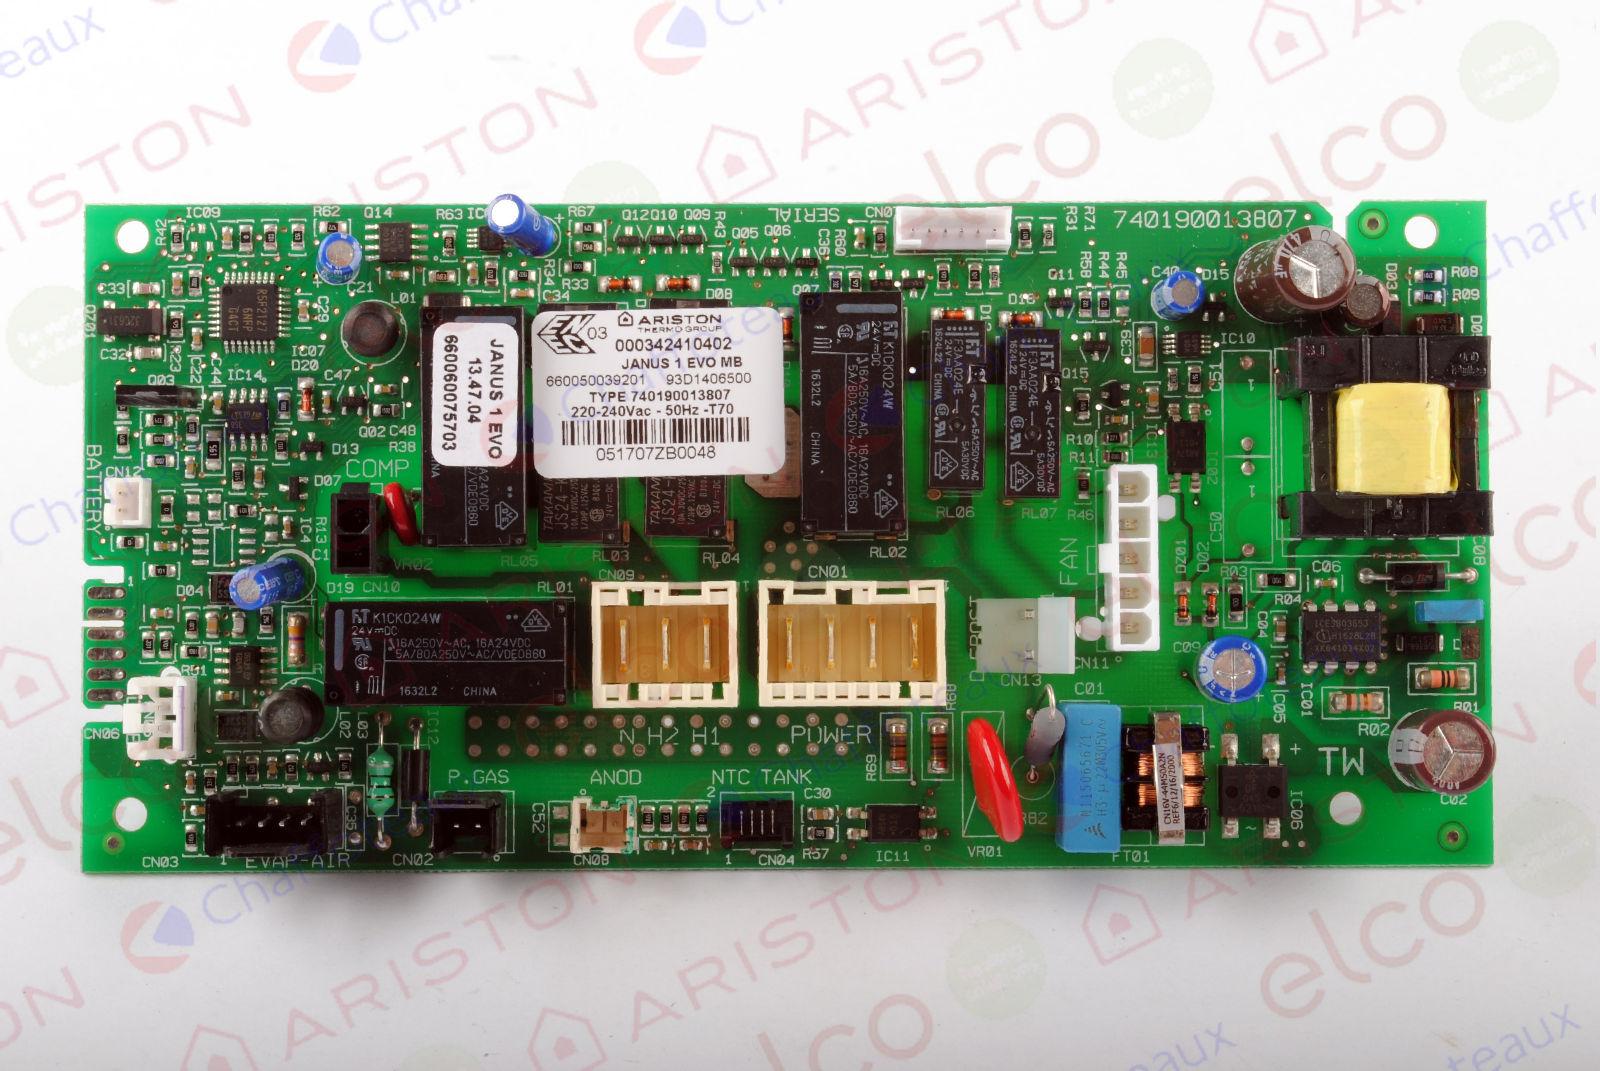 Circuito Electronico : Circuito electronico principal u ac